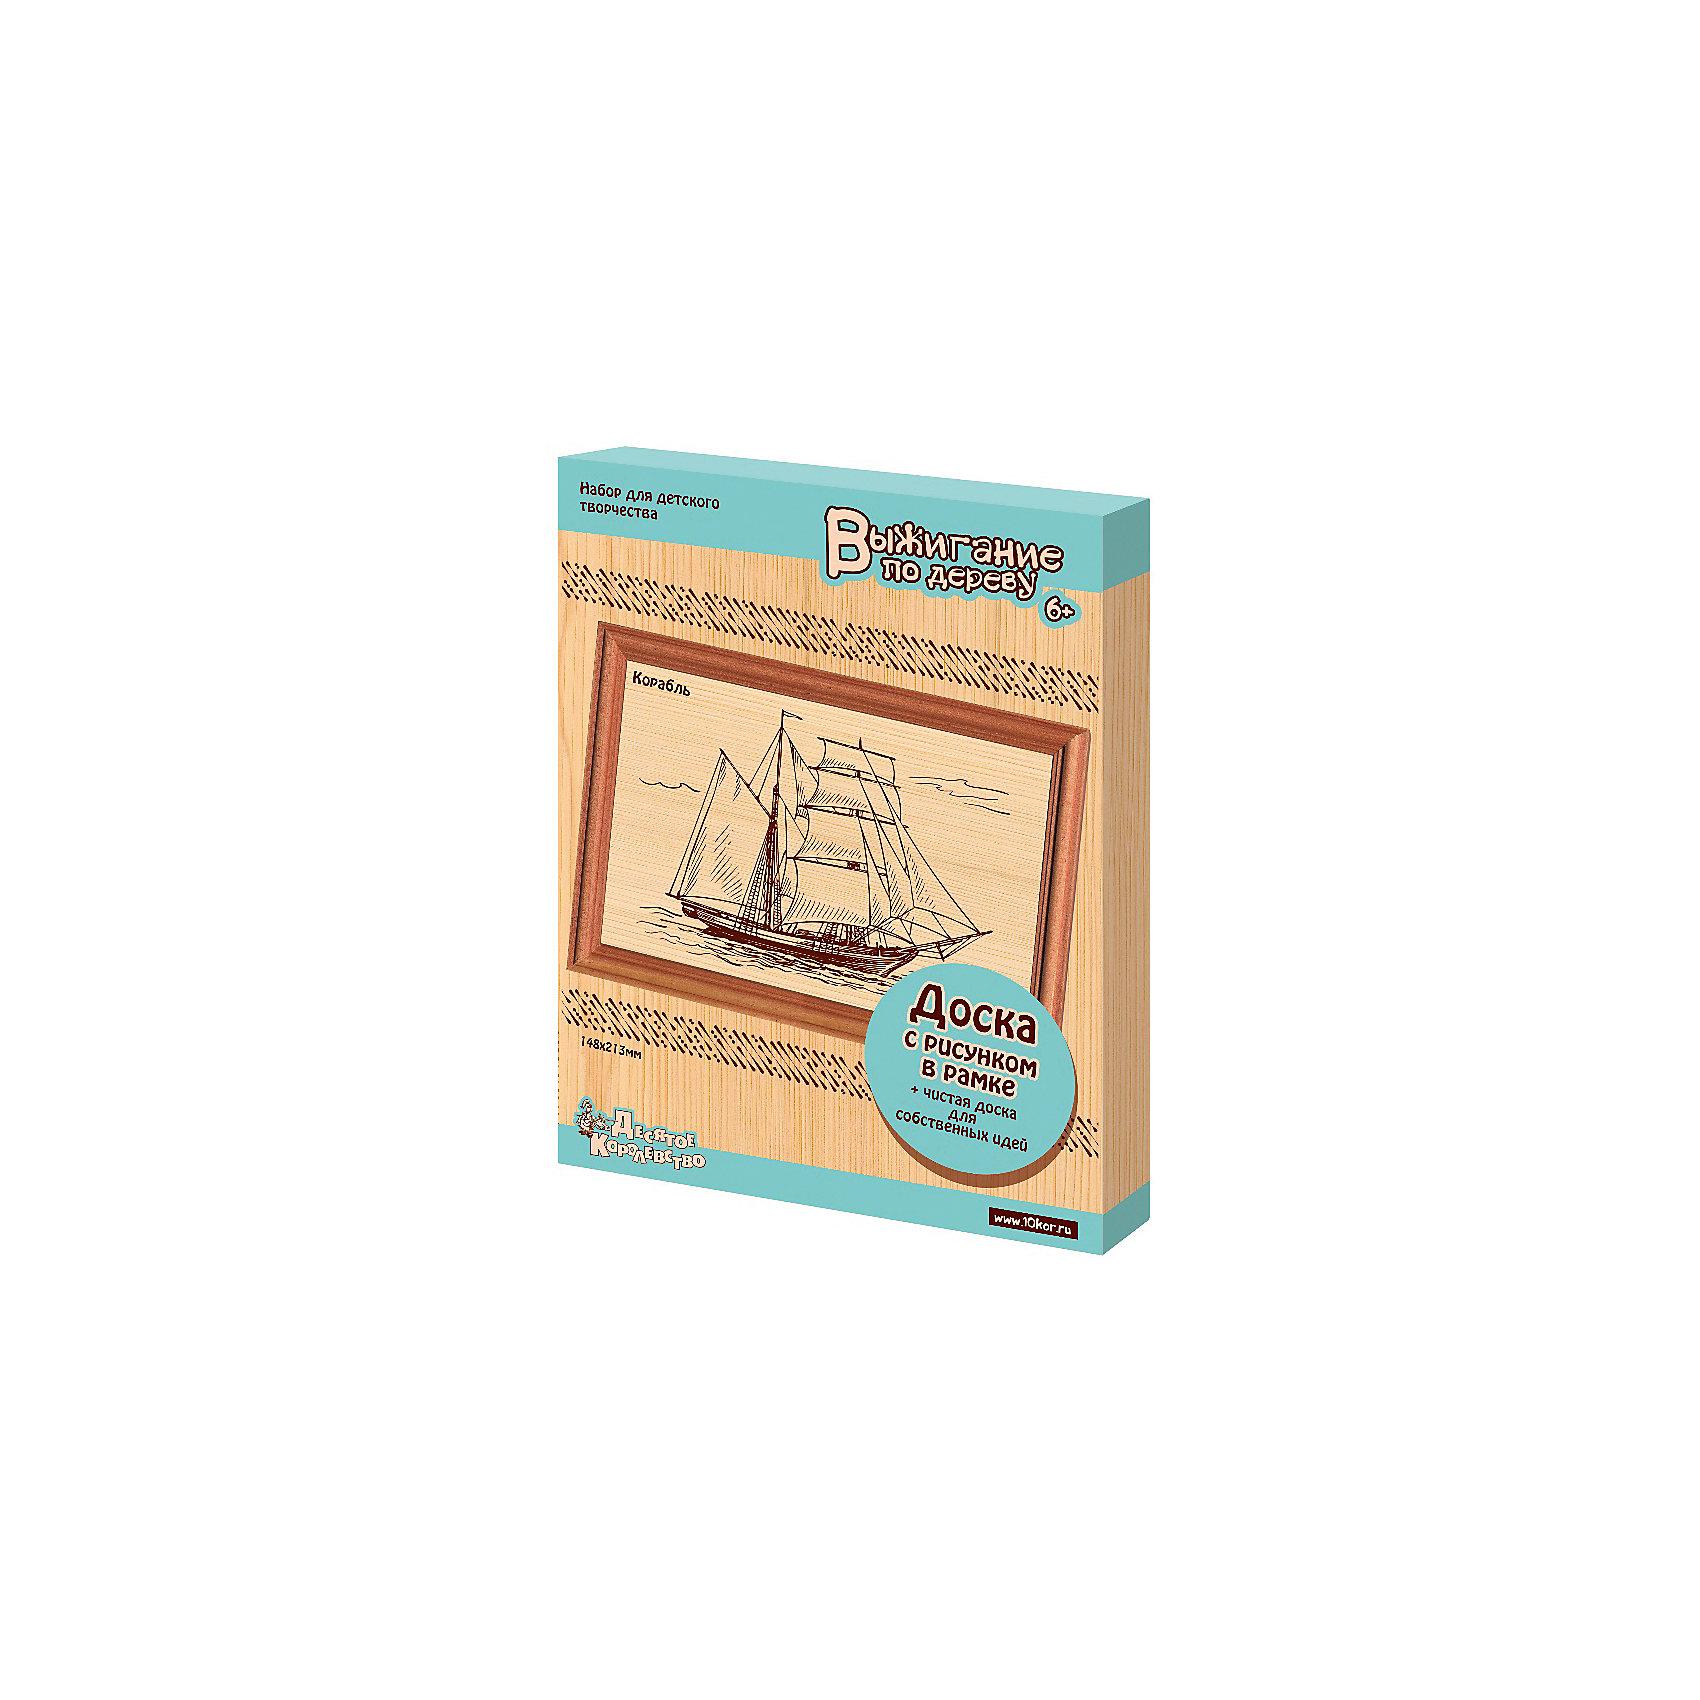 Доска для выжигания  Корабль, Десятое королевствоНаборы для выжигания<br>Доска для выжигания Корабль, Десятое королевство<br><br>Характеристики: <br><br>• В наборе: 1 фанерка с рисунком, 1 чистая<br>• Материал: шлифованная фанера<br>• Размер: 21Х15 см<br>• Толщина: 4мм<br>• Возраст: от 7 лет<br><br>Этот замечательный набор поможет ребенку освоить новую творческую деятельность - выжигание по дереву! Этот способ позволит быстро и легко сделать оригинальные подарки своим близким, развить мелкую моторику и научиться усидчивости и аккуратности. В набор входят 1 заготовка с нанесенными контурами и 1 фанерка без рисунка. Рисунки разработаны так, чтобы ребенок мог легко их повторить и почувствовать себя настоящим мастером.<br><br>Доска для выжигания Корабль, Десятое королевство можно купить в нашем интернет-магазине.<br><br>Ширина мм: 250<br>Глубина мм: 187<br>Высота мм: 25<br>Вес г: 286<br>Возраст от месяцев: 84<br>Возраст до месяцев: 2147483647<br>Пол: Унисекс<br>Возраст: Детский<br>SKU: 5471617